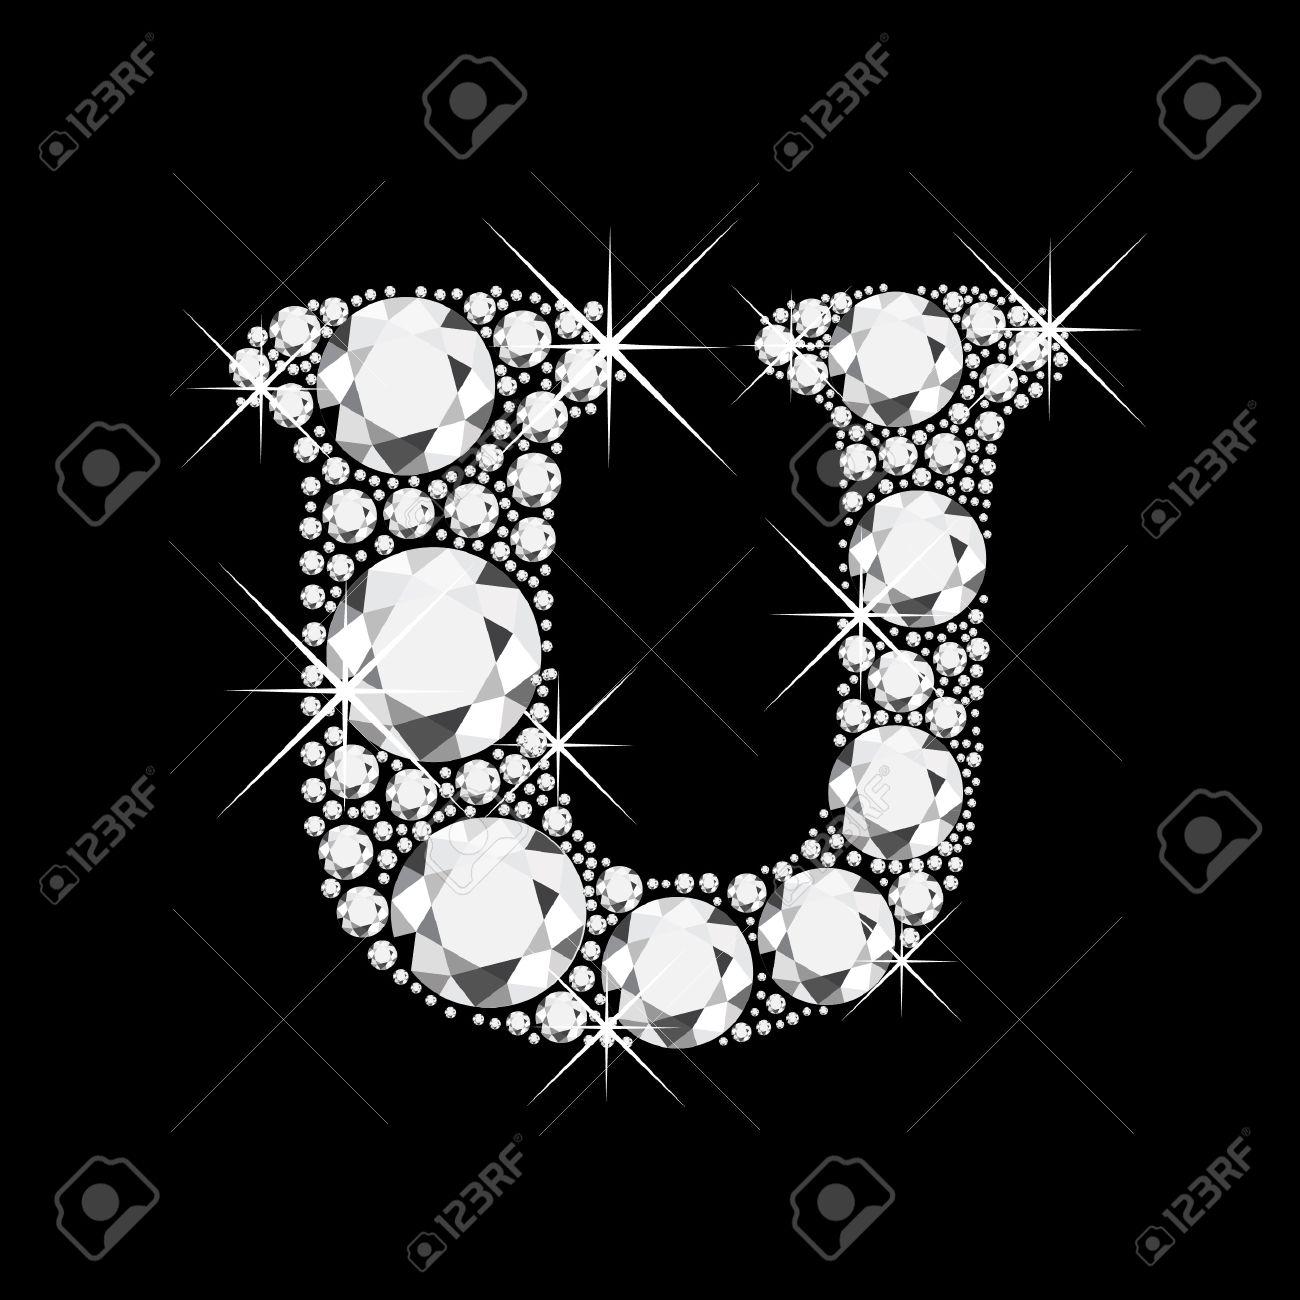 U letter with diamonds bling bling Stock Vector - 13659331